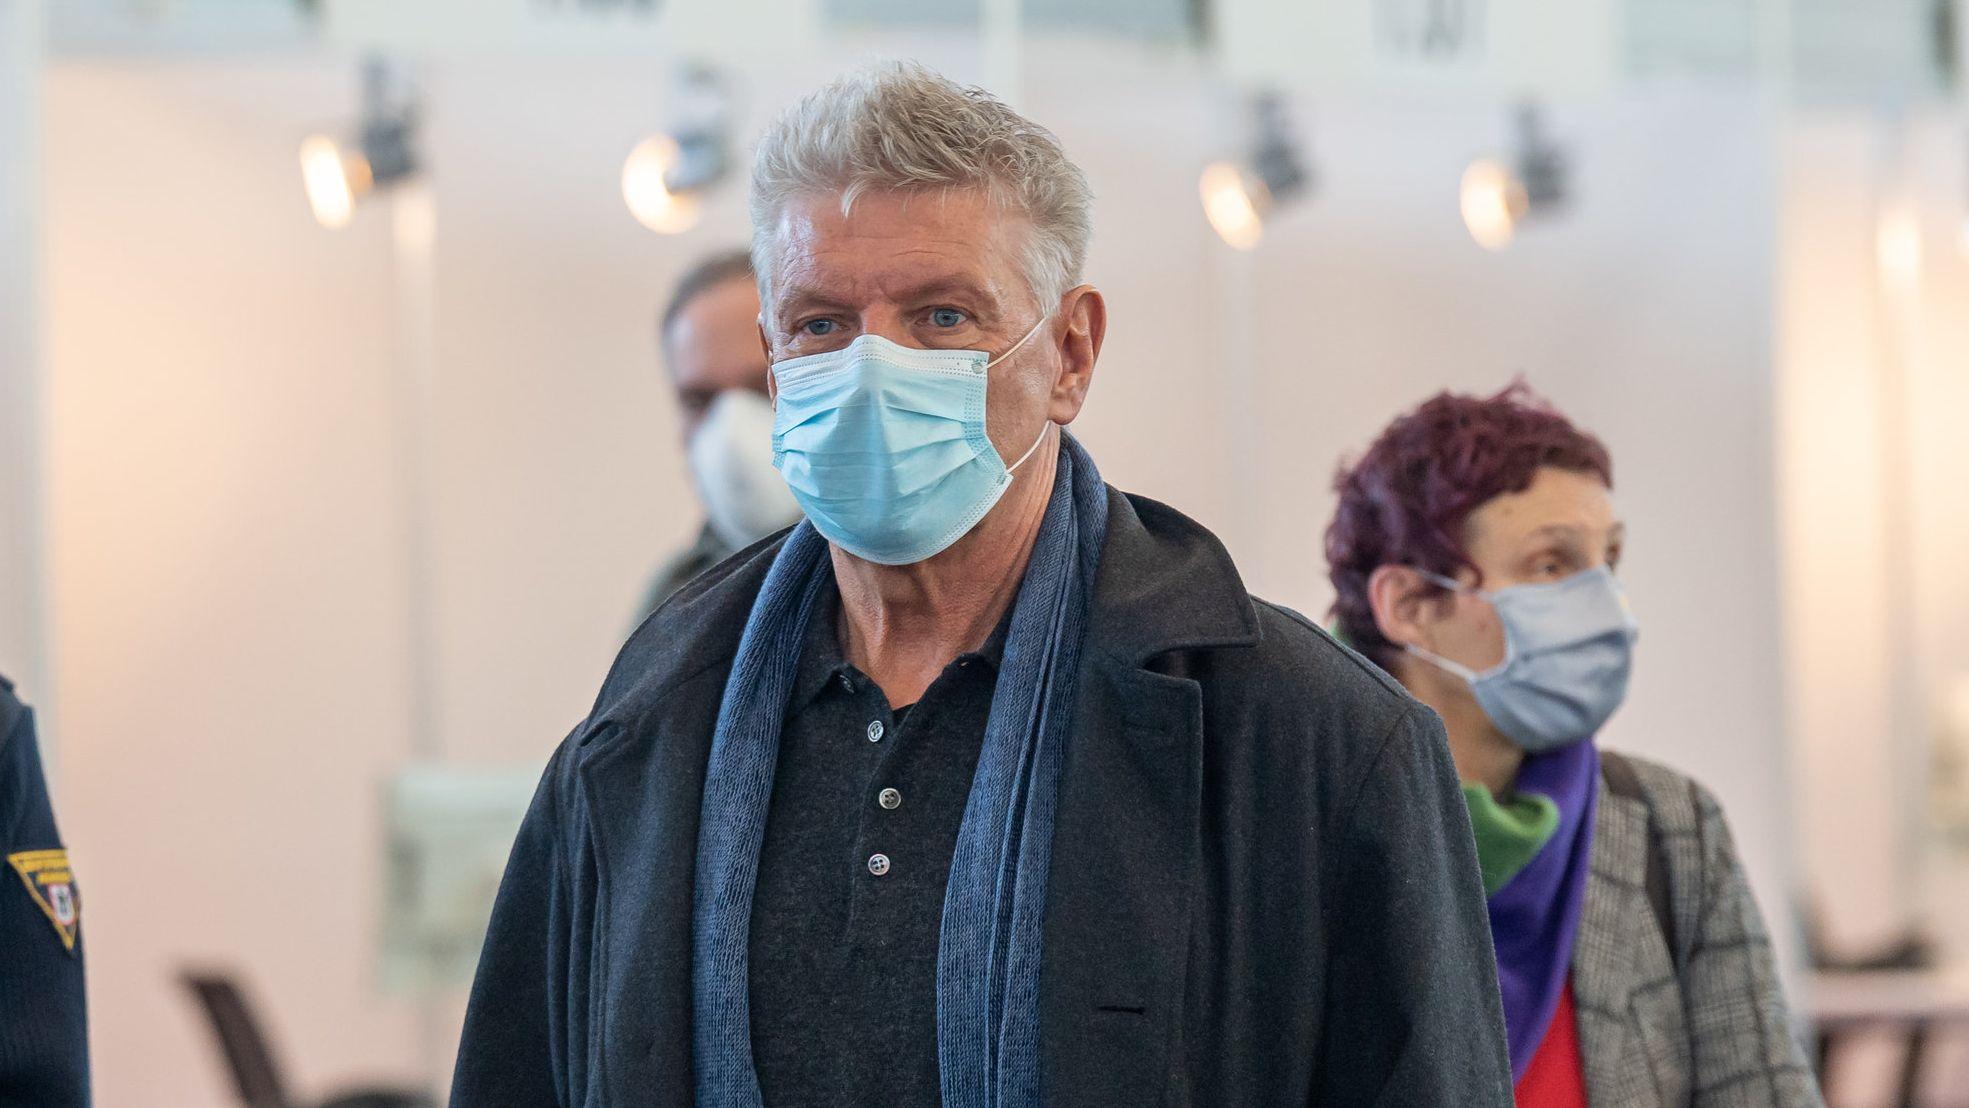 Oberbürgermeister Dieter Reiter und Beatrix Zurek, Gesundheitsreferentin der Stadt München, im Contact Tracing Center in der Messe Riem